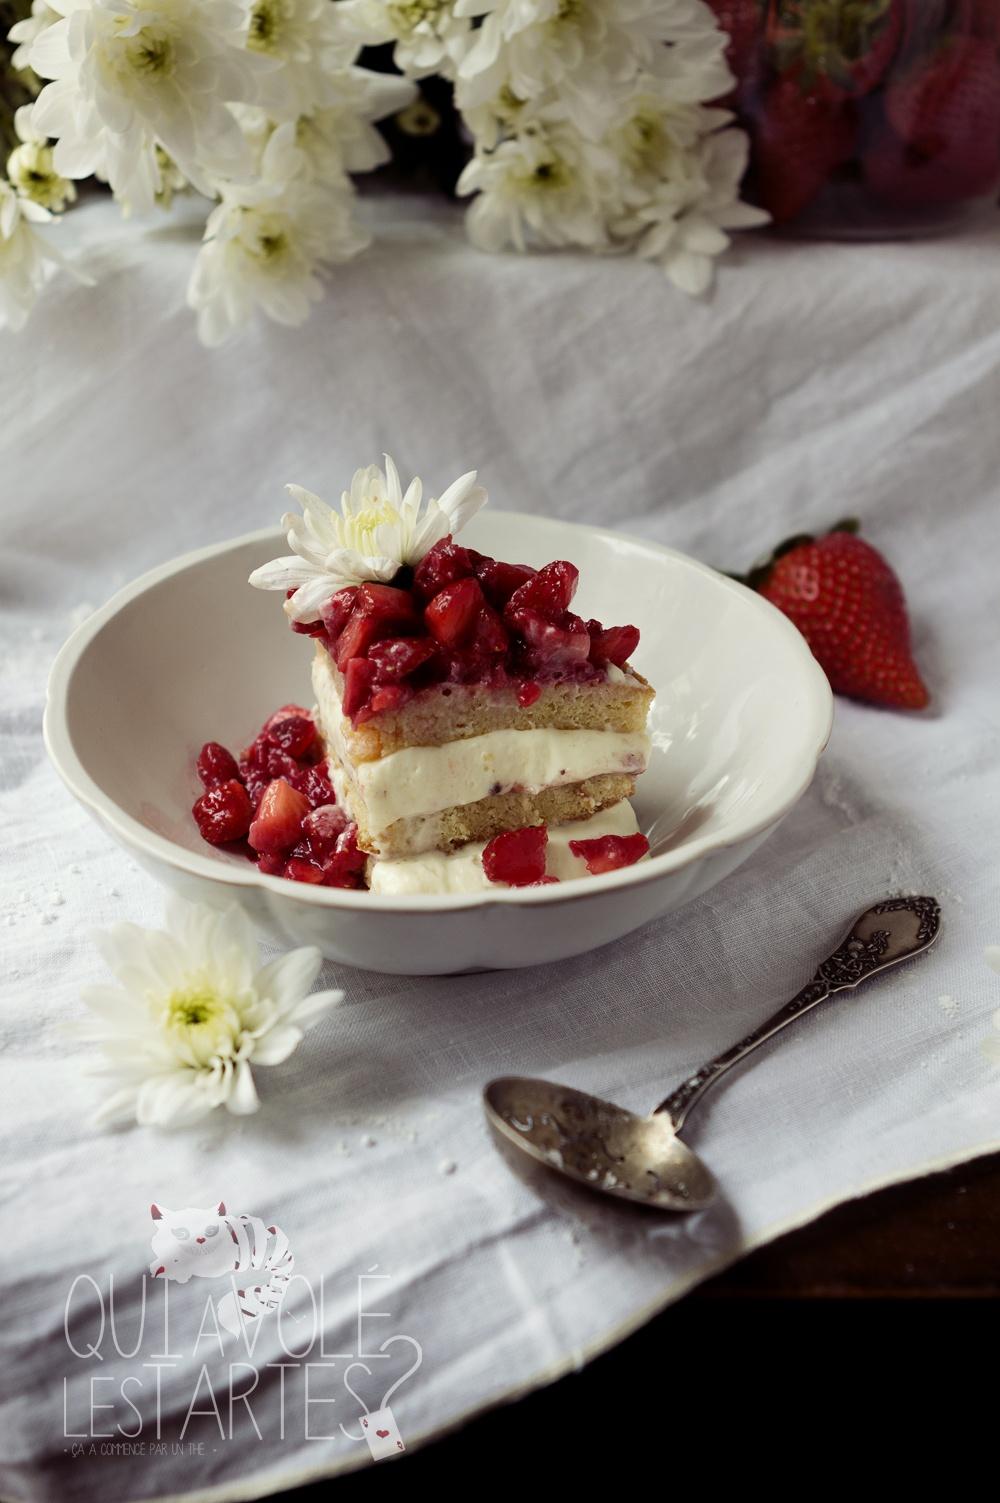 Victoria Sponge Cake sans gluten 2 - Studio de création - Qui a volé les tartes